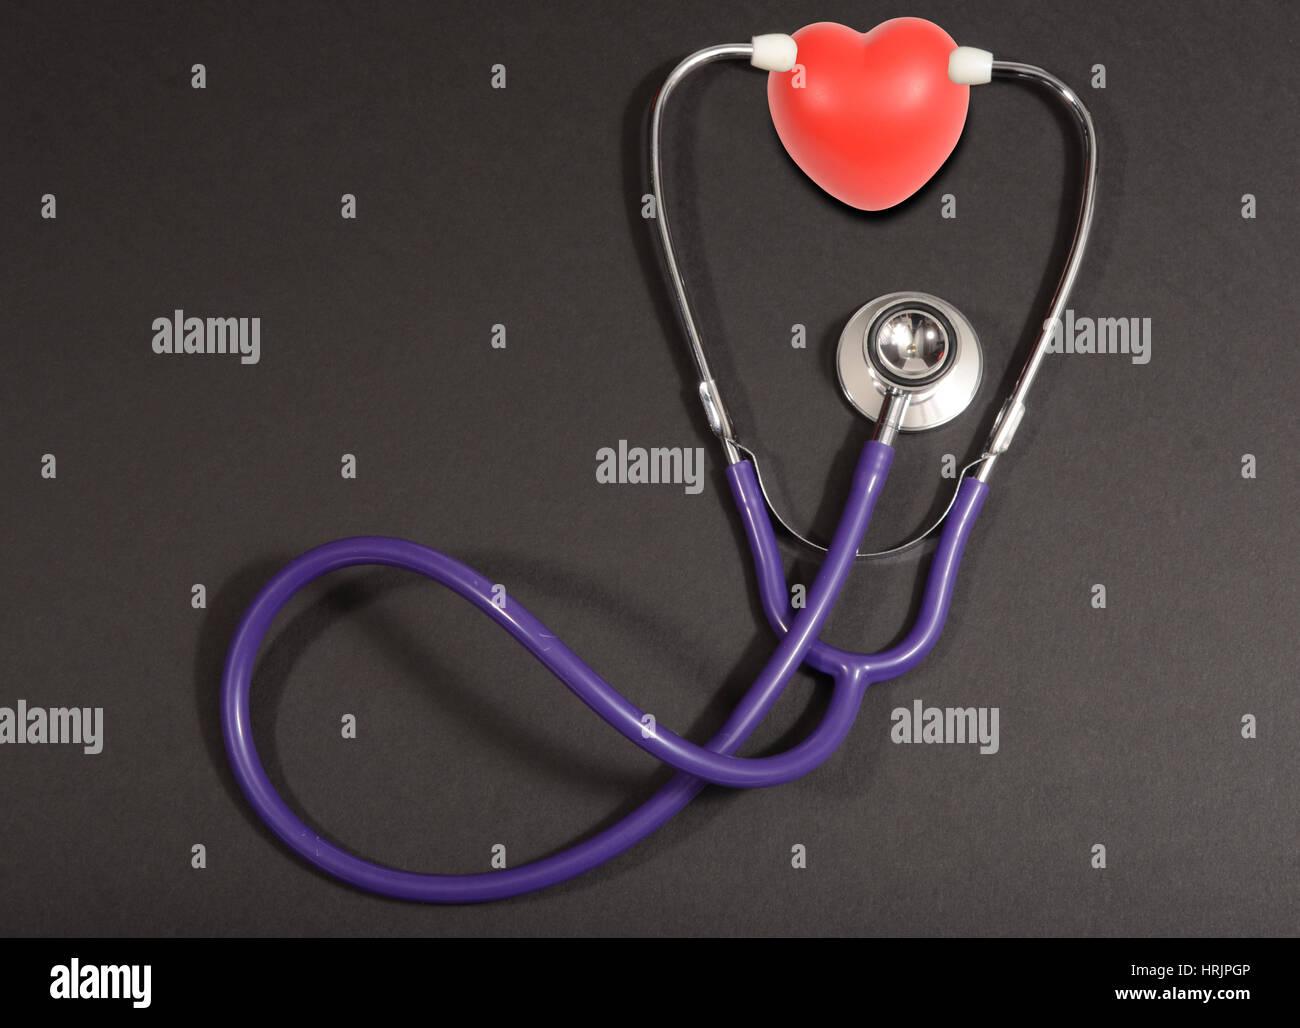 Cuore Uno stetoscopio, Concept Immagini Stock